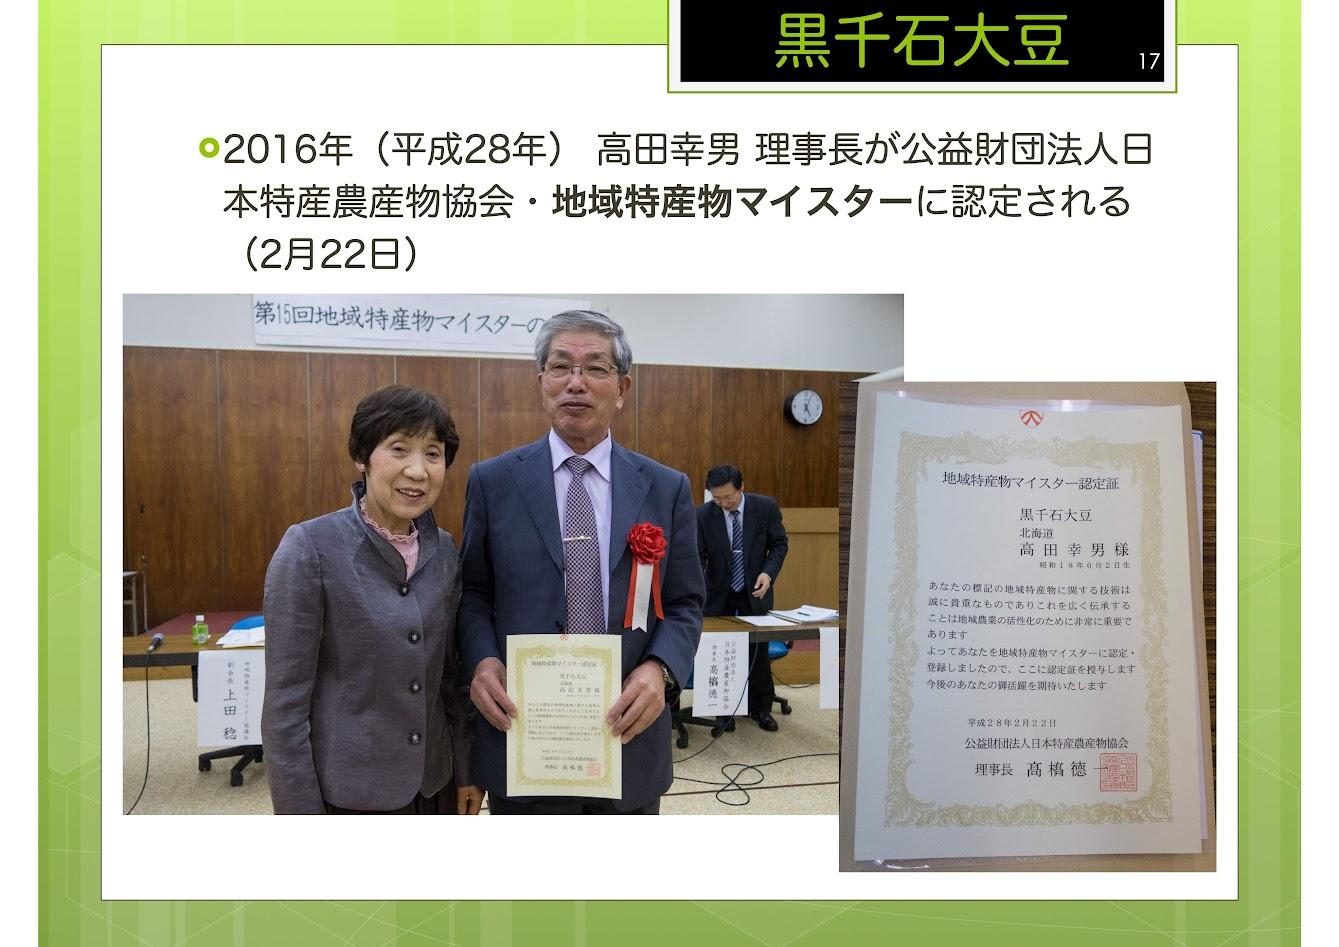 公益財団法人日本特産農産物協会・地域特産物マイスターに認定